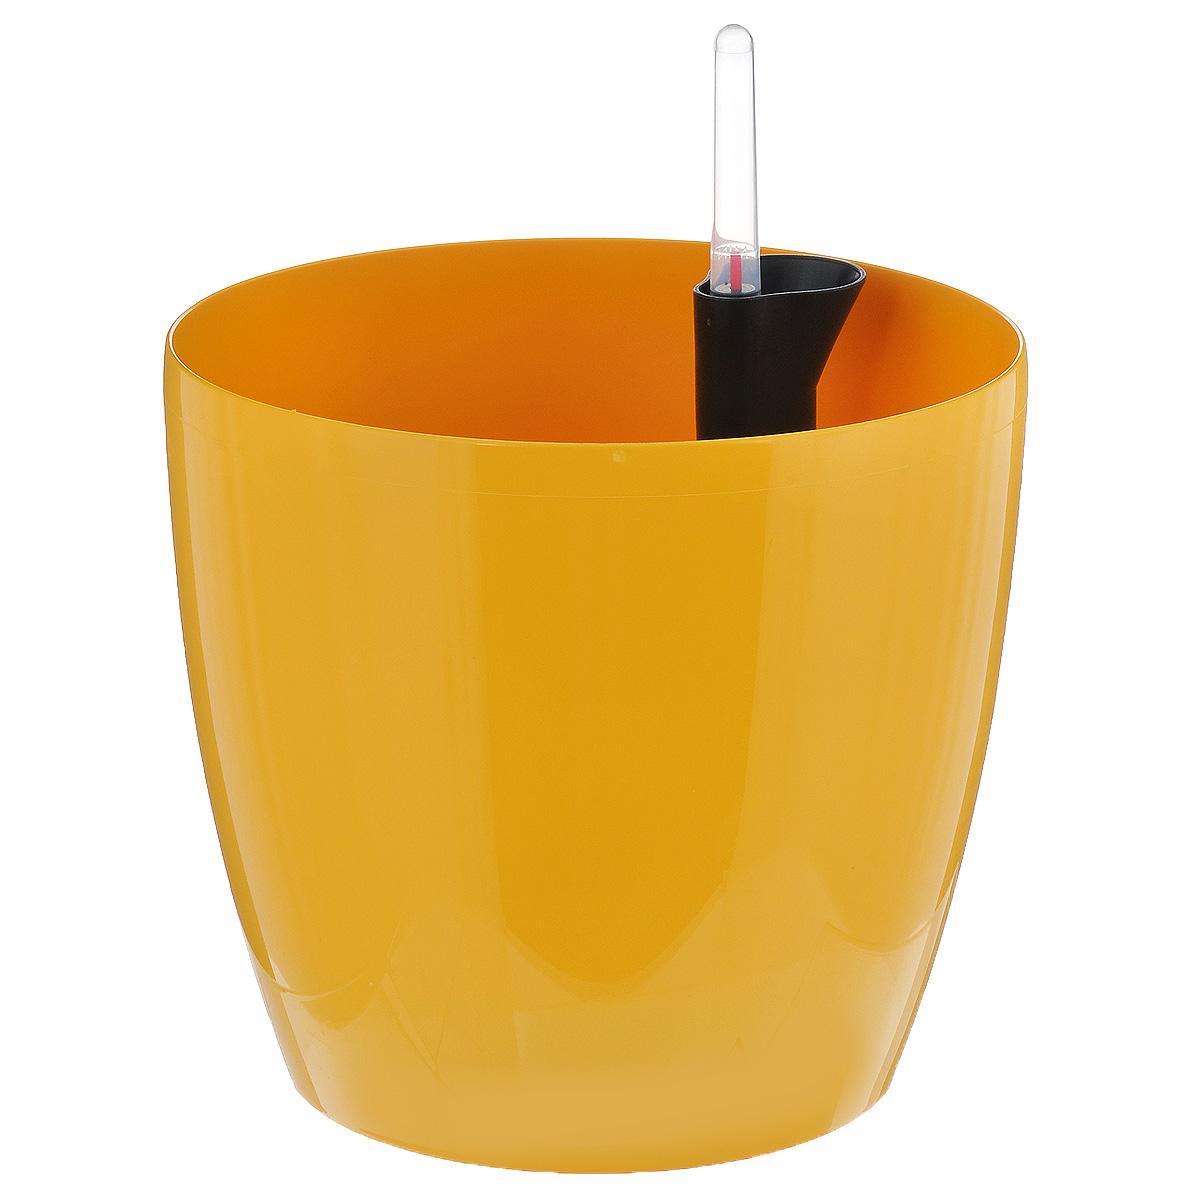 Кашпо Prosperplast Coubi, с системой автополива, цвет: желтый, диаметр 19 смМ 3076Кашпо Prosperplast Coubi, изготовленное из высококачественного пластика, идеальное решение для тех, кто регулярно забывает поливать комнатные растения. Кашпо имеет уникальную систему автополива, благодаря которой корневая система растения непрерывно снабжается влагой из резервуара. Уровень воды в резервуаре контролируется с помощью специального индикатора. В зависимости от размера кашпо и растения воды хватает на 2-12 недель. Стильный дизайн позволит украсить растениями офис, кафе или любую комнату, и при этом система автополива будет увлажнять почву без вашего вмешательства. Кашпо Prosperplast Coubi с системой автополива упростит уход за вашими цветами и поможет растениям получать то количество влаги, которое им необходимо в данный момент времени.Диаметр: 19 см. Высота стенки: 17,5 см.